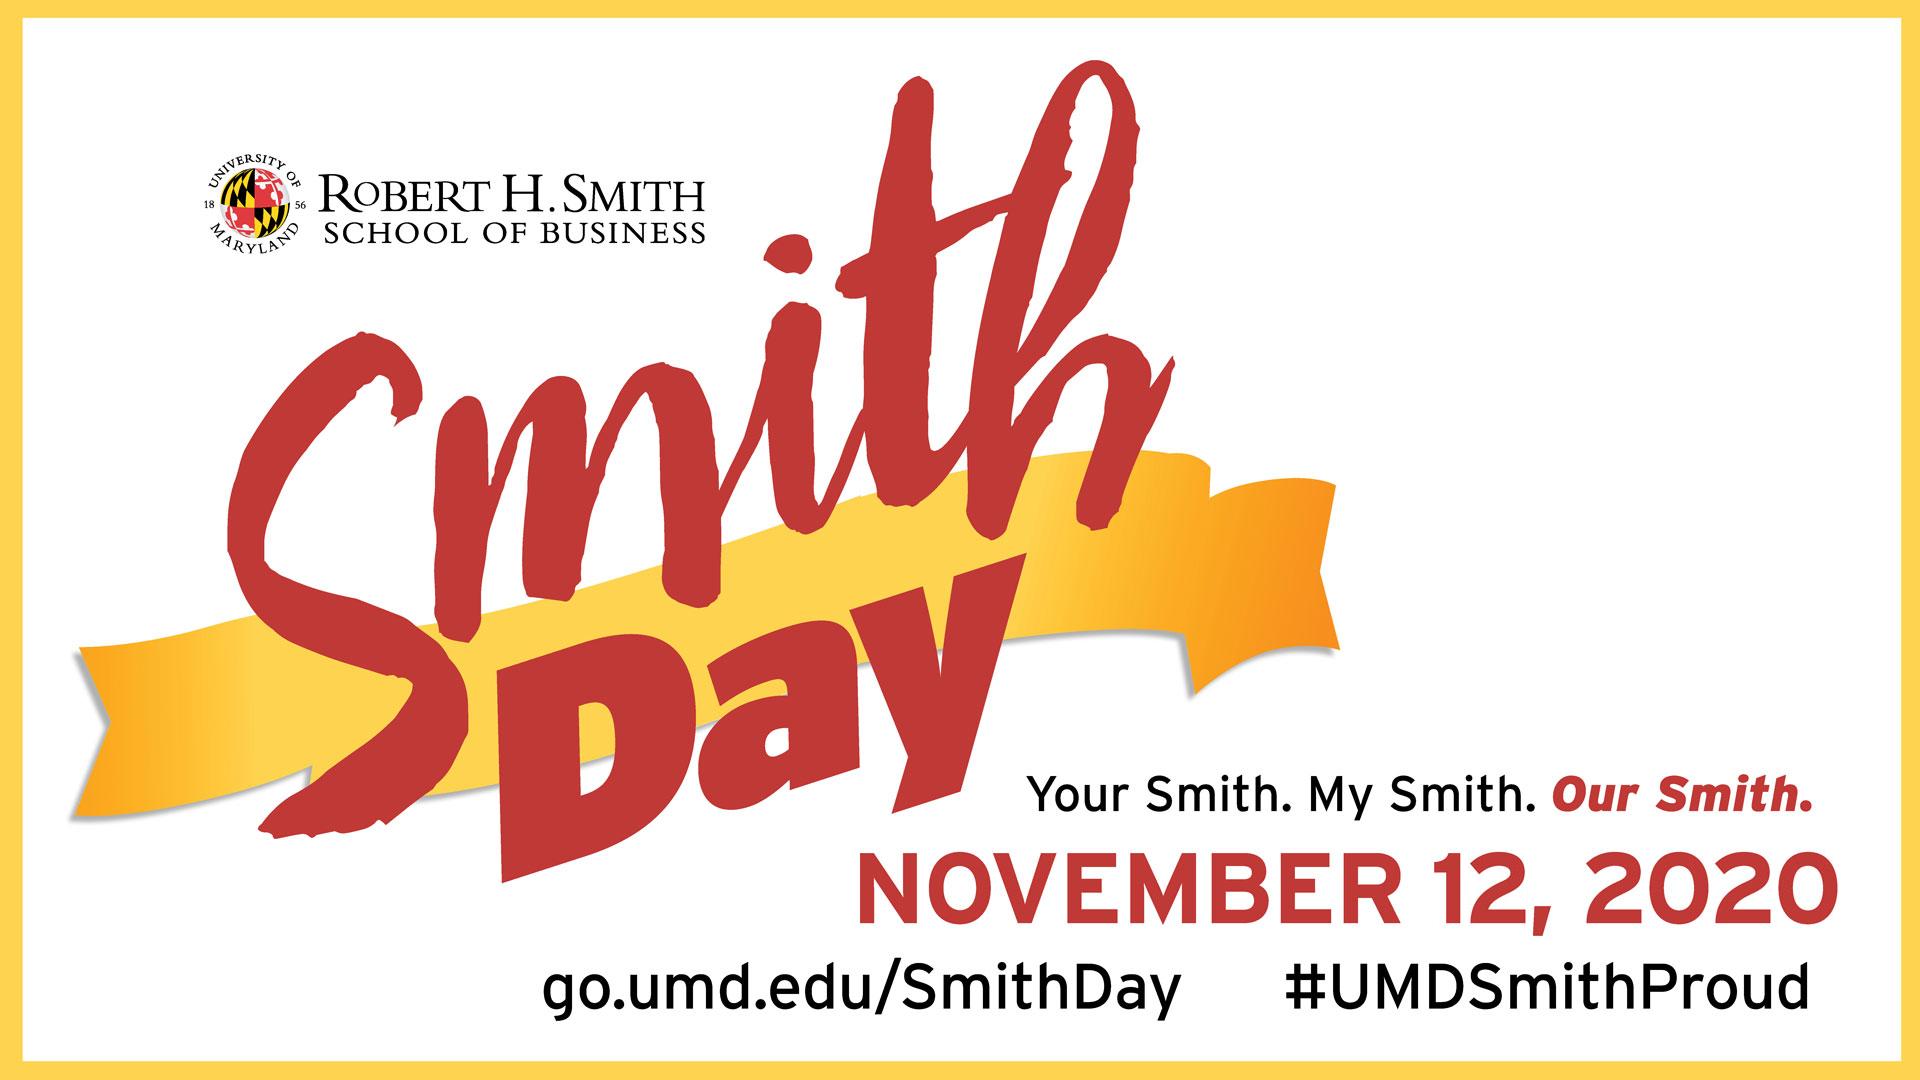 Smith-Day-2020-19-1920-x-1080